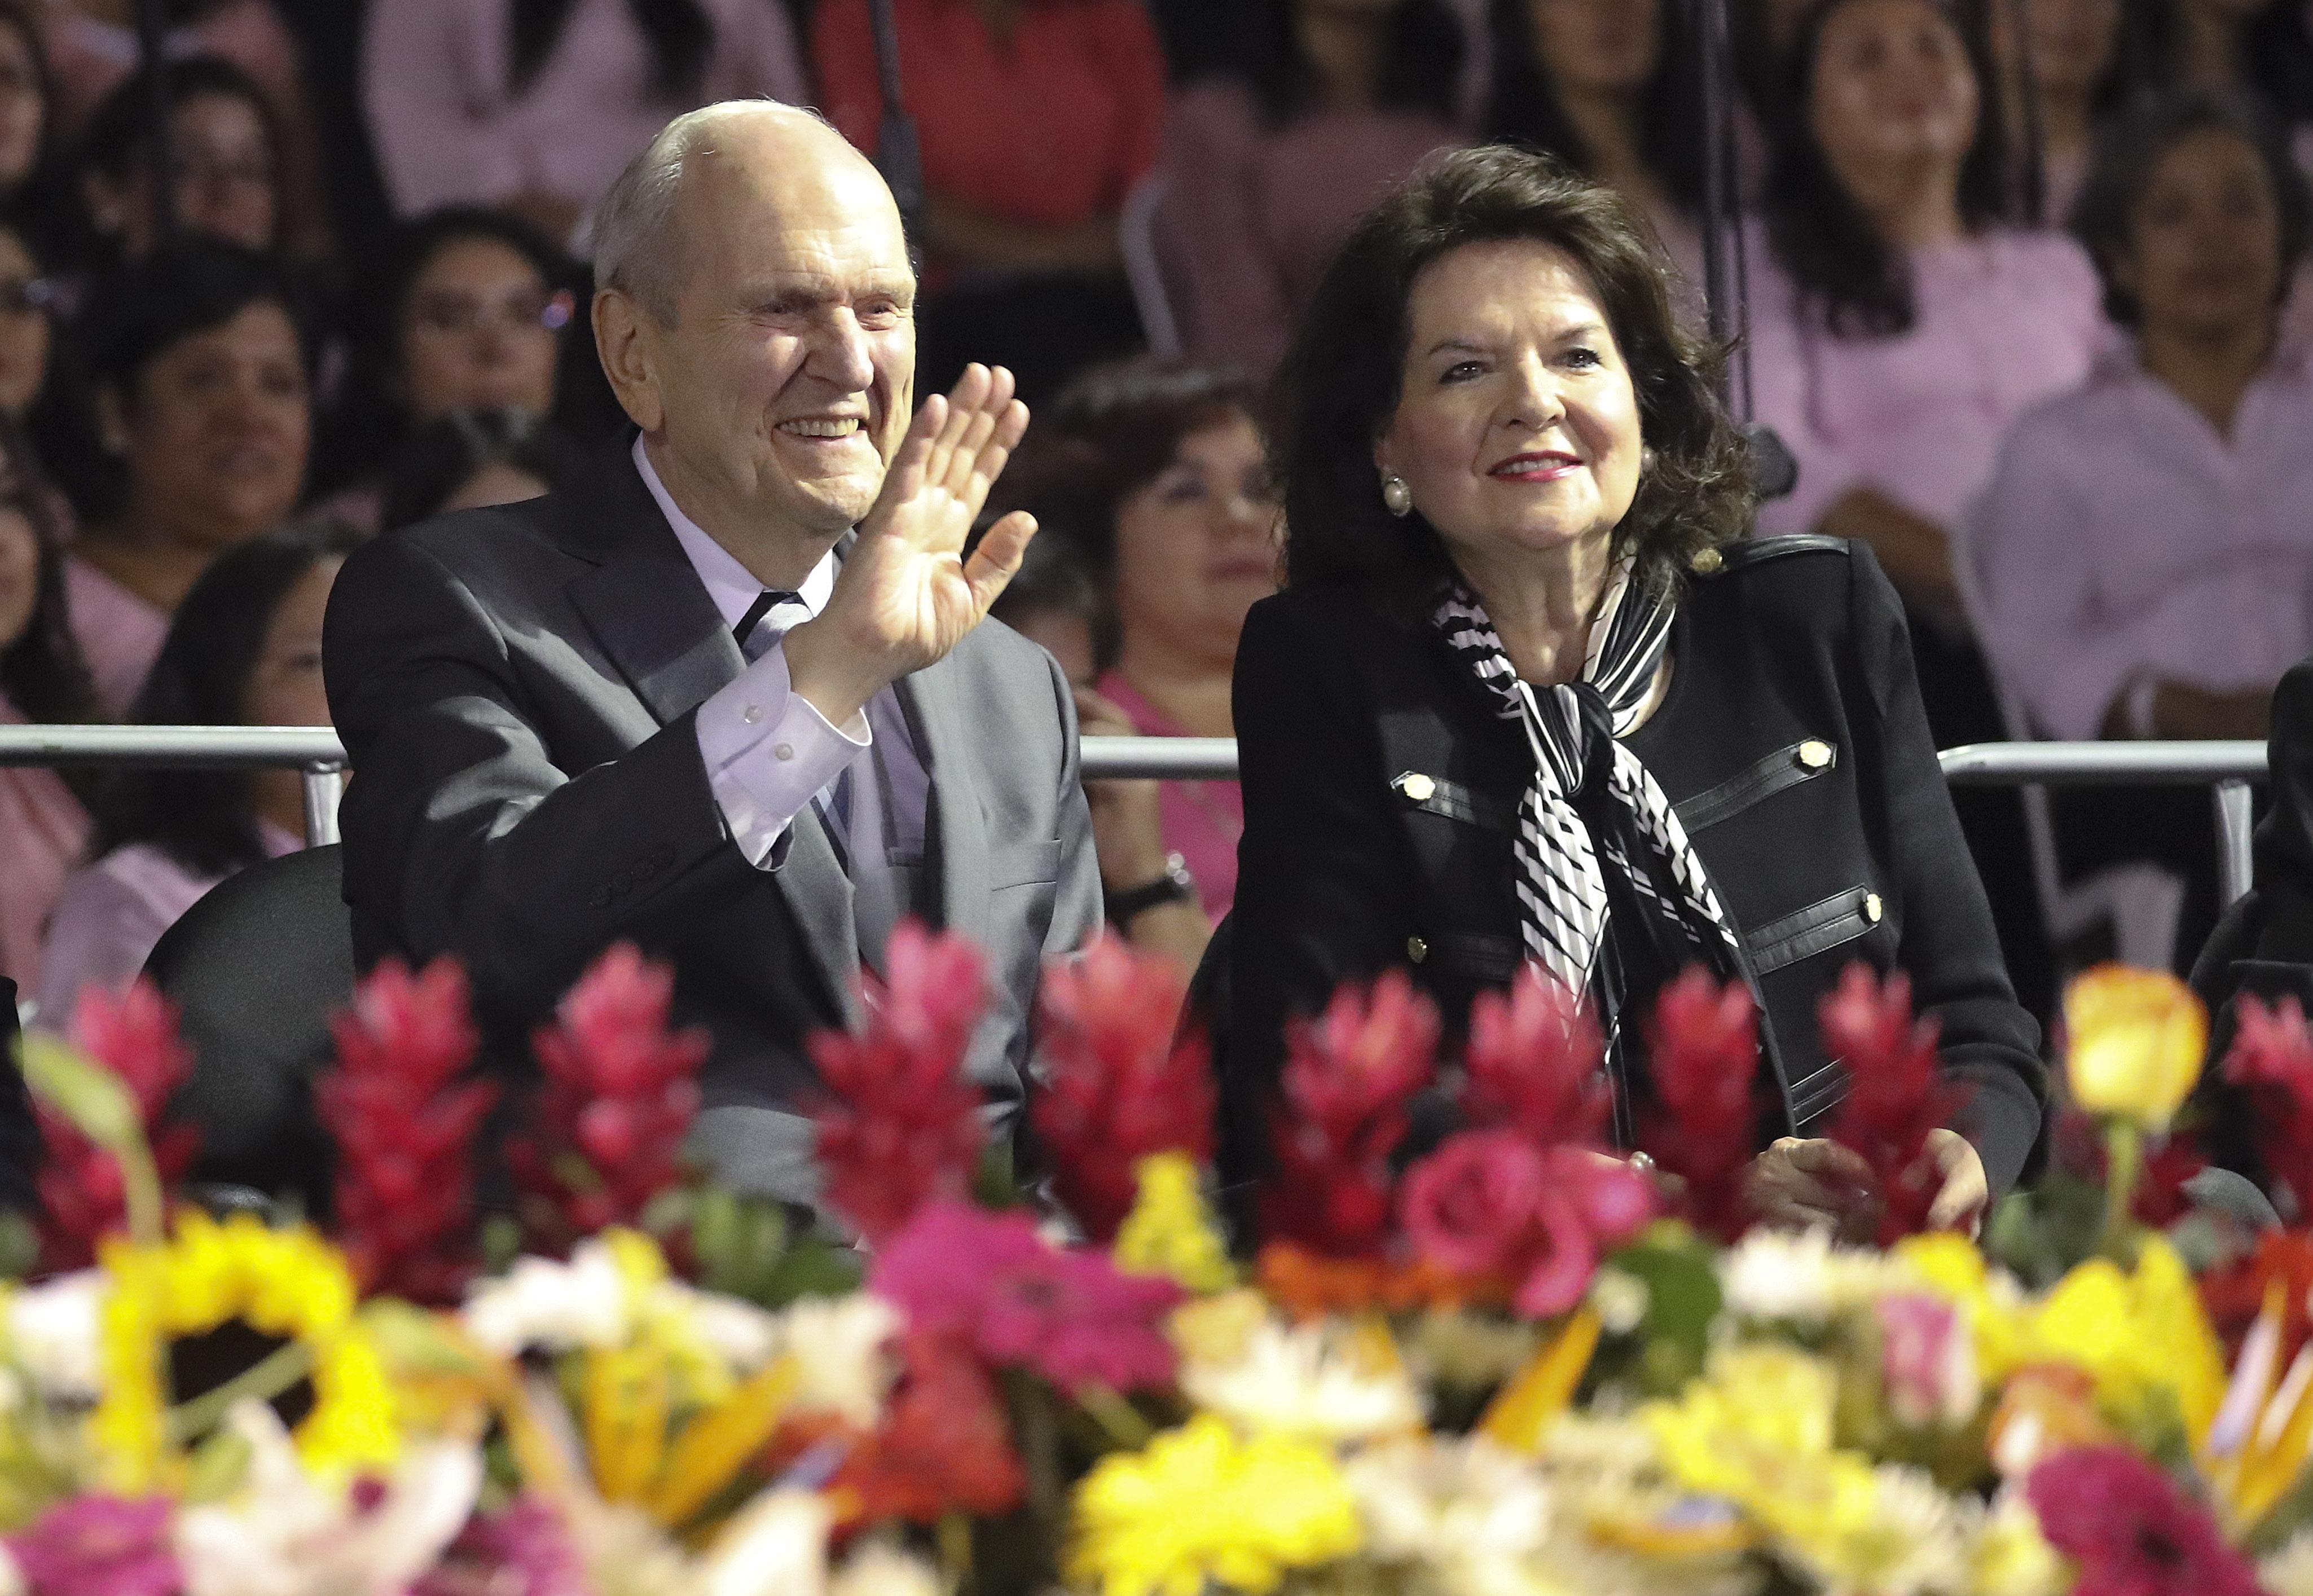 El presidente Russell M. Nelson de La Iglesia de Jesucristo de los santos de los últimos días y su esposa, la hermana Wendy Nelson, saludan a los asistentes antes de un devocional en el estadio Cementos Progreso en la Ciudad de Guatemala, el sábado 24 de agosto. 2019.